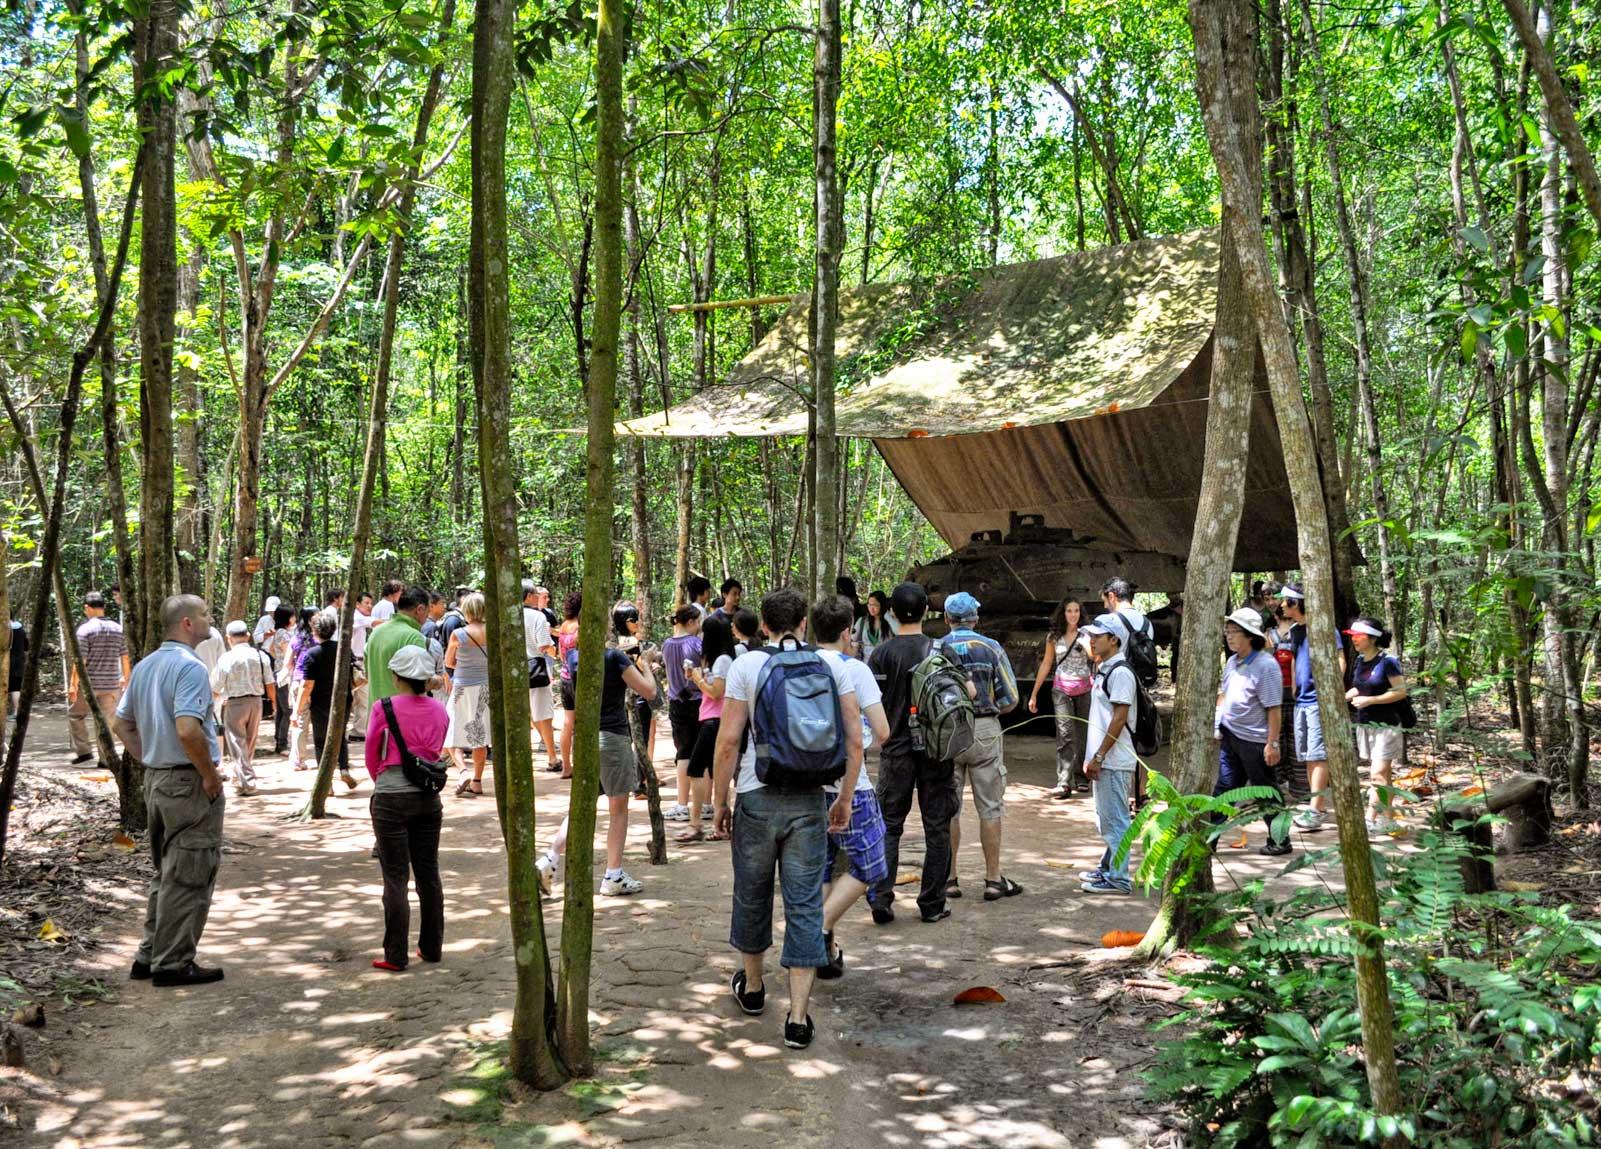 Cu Chi Tunnels Tunnels In Vietnam Vietnam War Tunnels